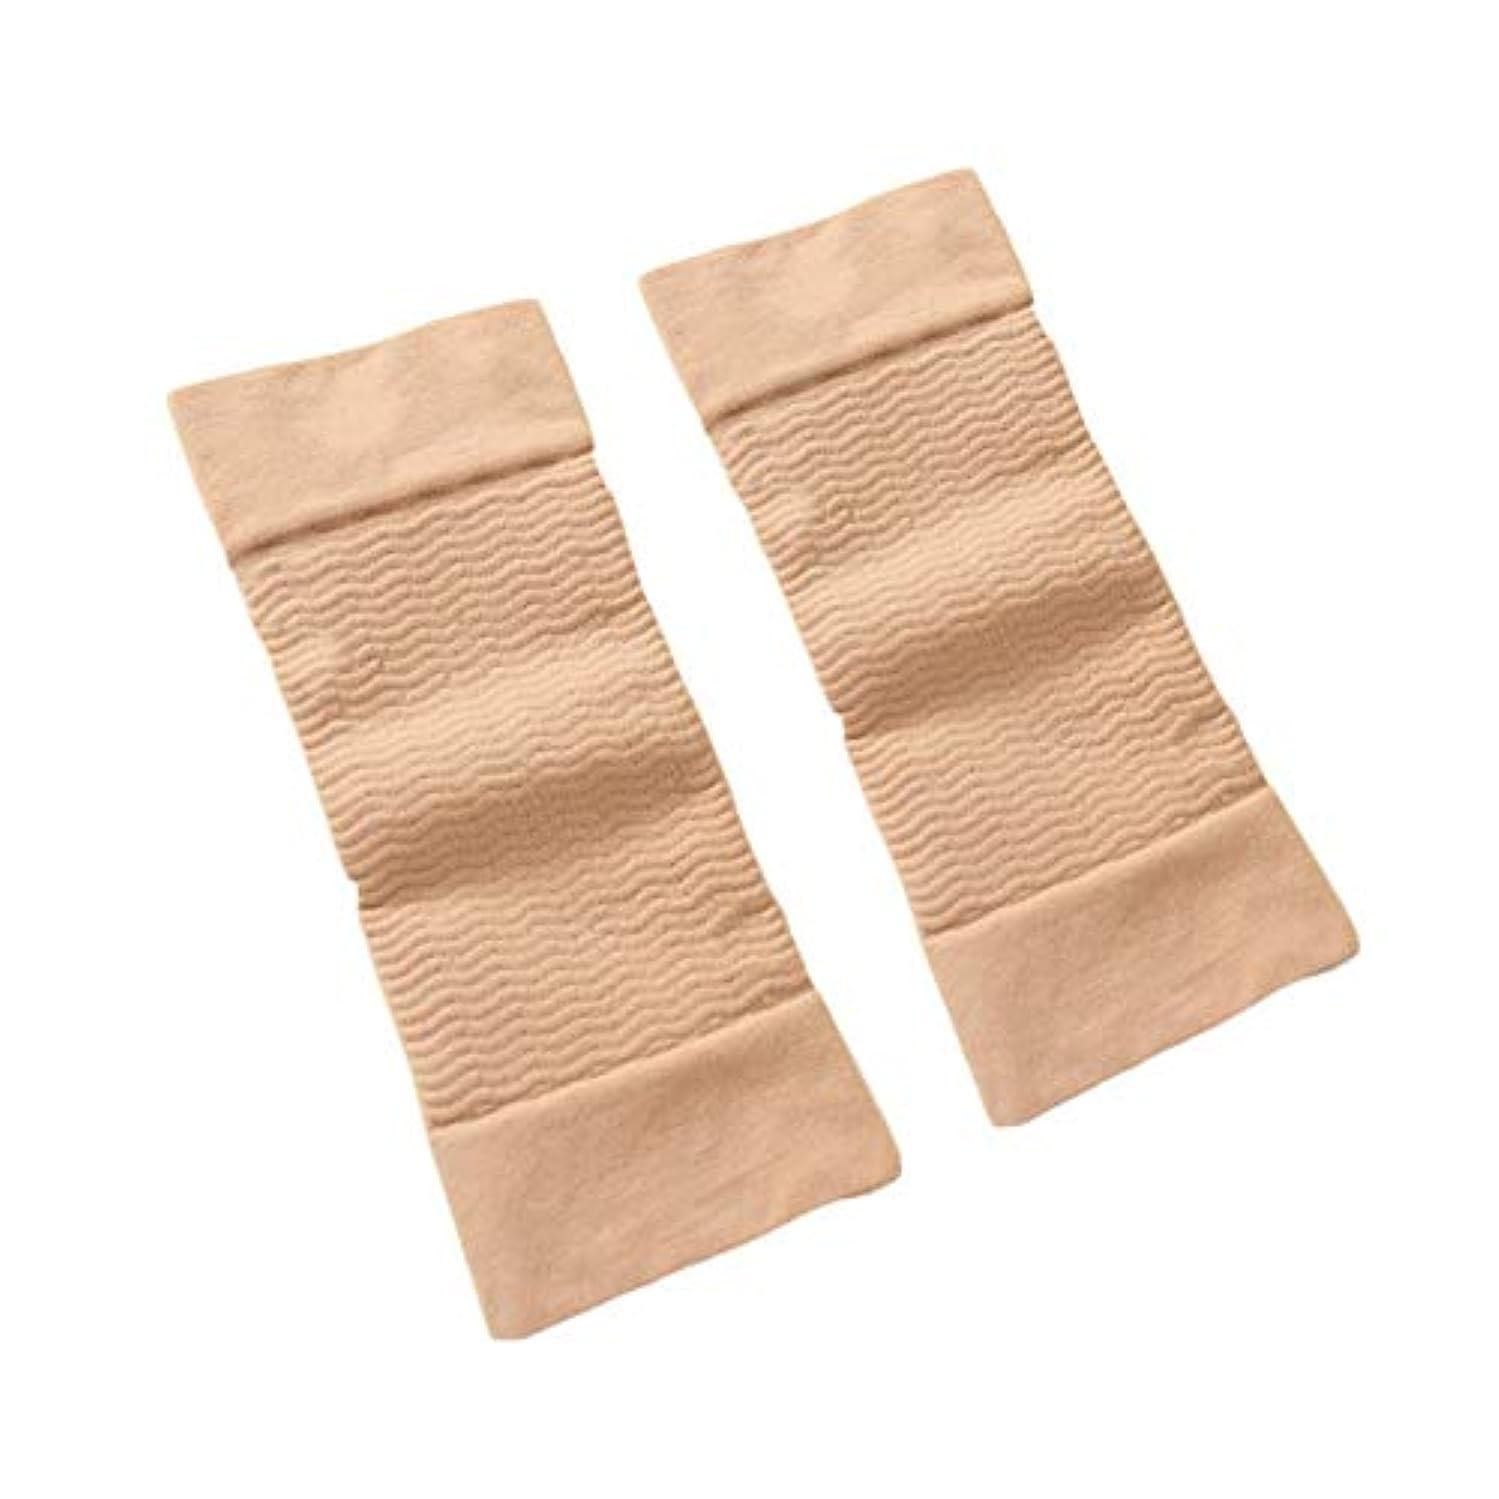 ありふれたマーティンルーサーキングジュニア神経衰弱1ペア420 D圧縮痩身アームスリーブワークアウトトーニングバーンセルライトシェイパー脂肪燃焼袖用女性 - 肌色